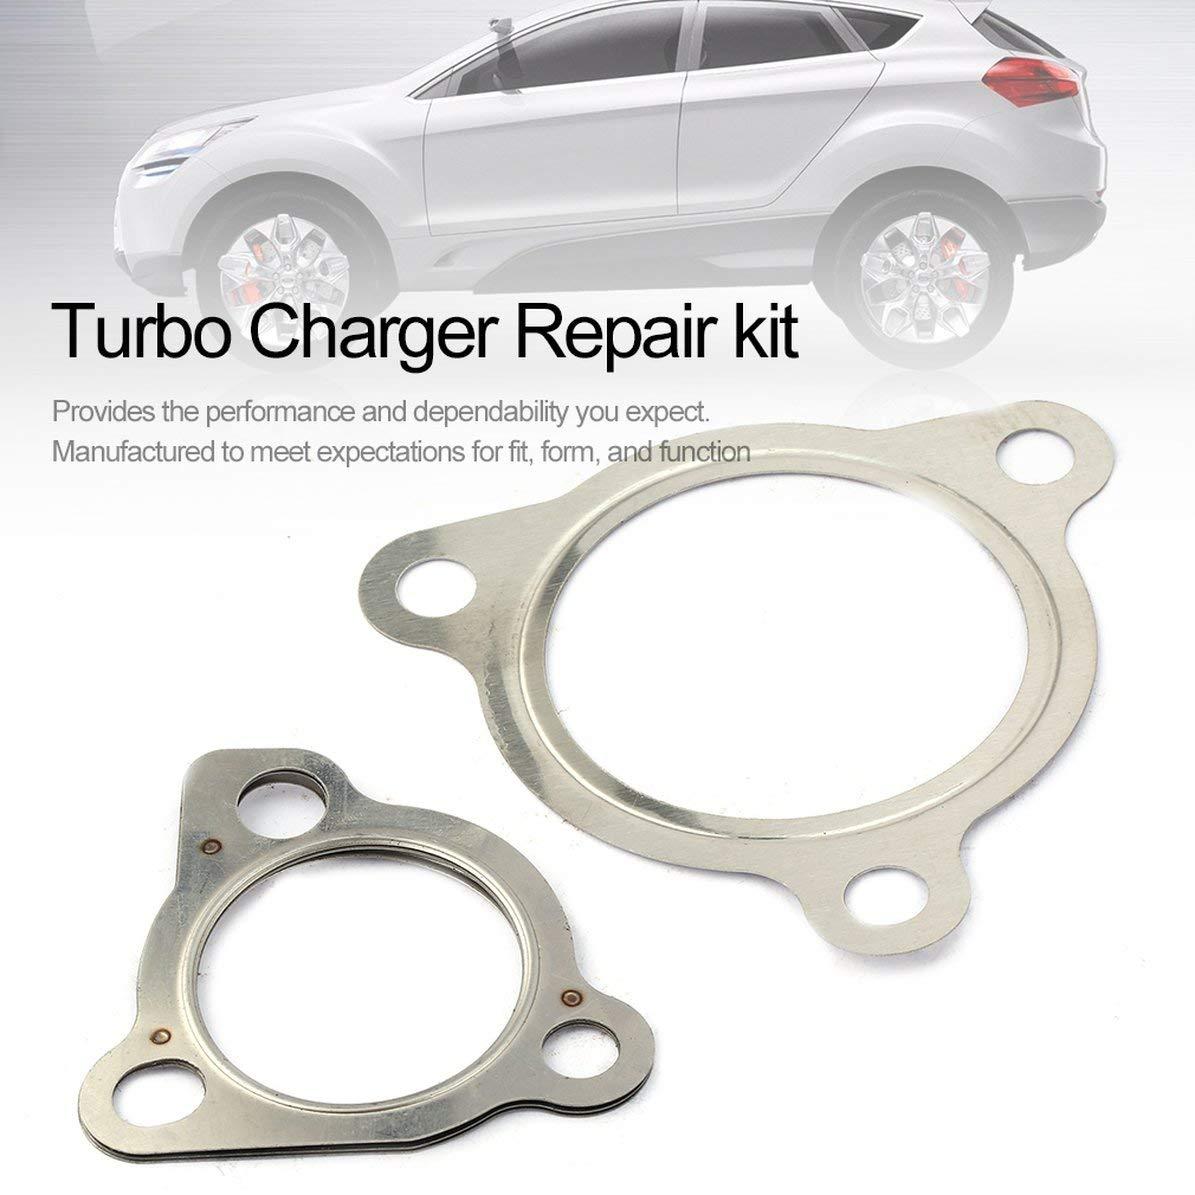 Turbocompresor Turbo Cargador Kit de reparación para reconstrucción de juntas y juego de tornillos Turbo Vehículos de automóviles Herramientas de ...